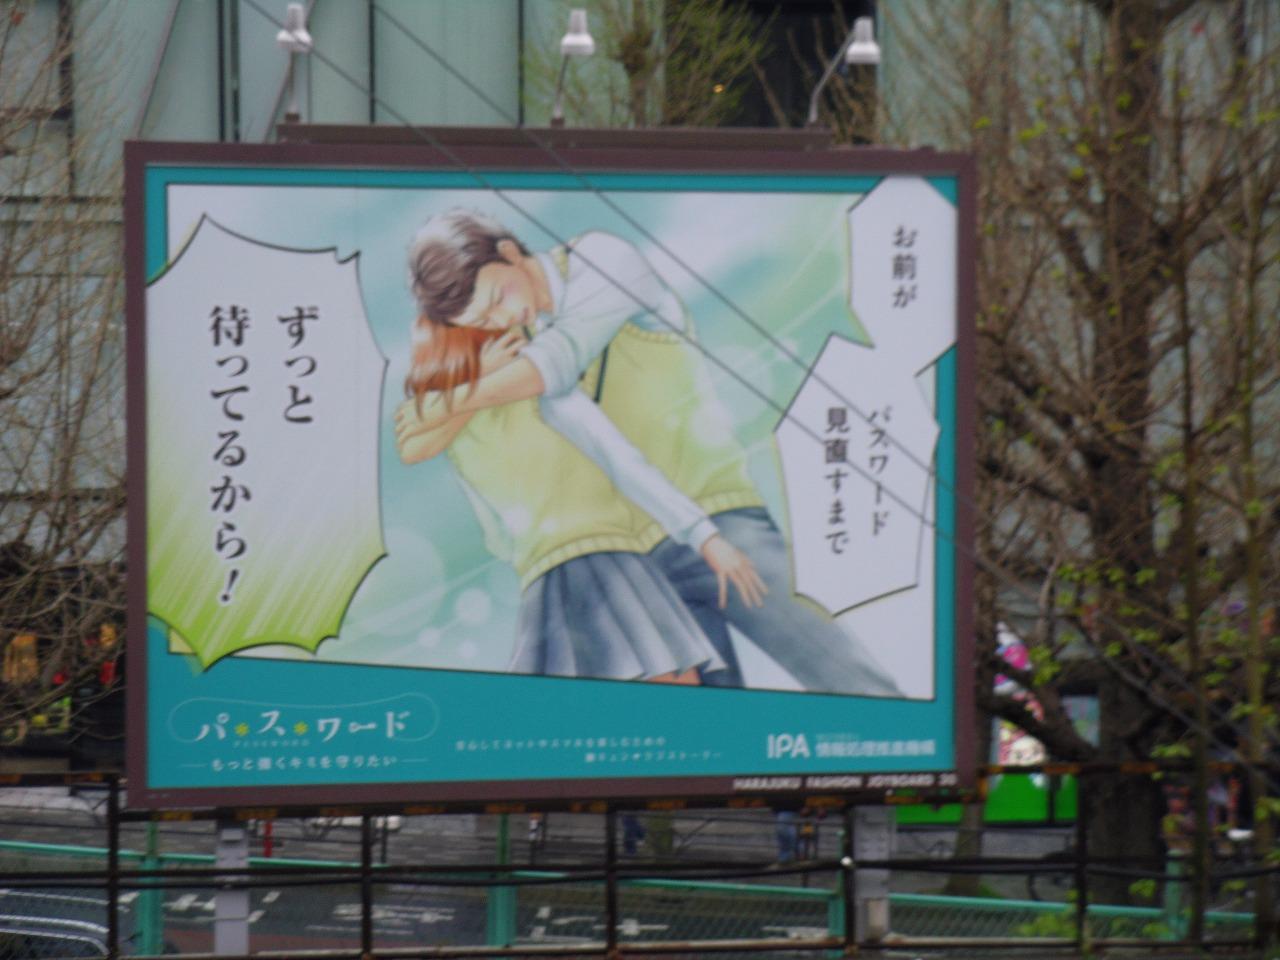 原宿駅 IPA 広告 パスワード